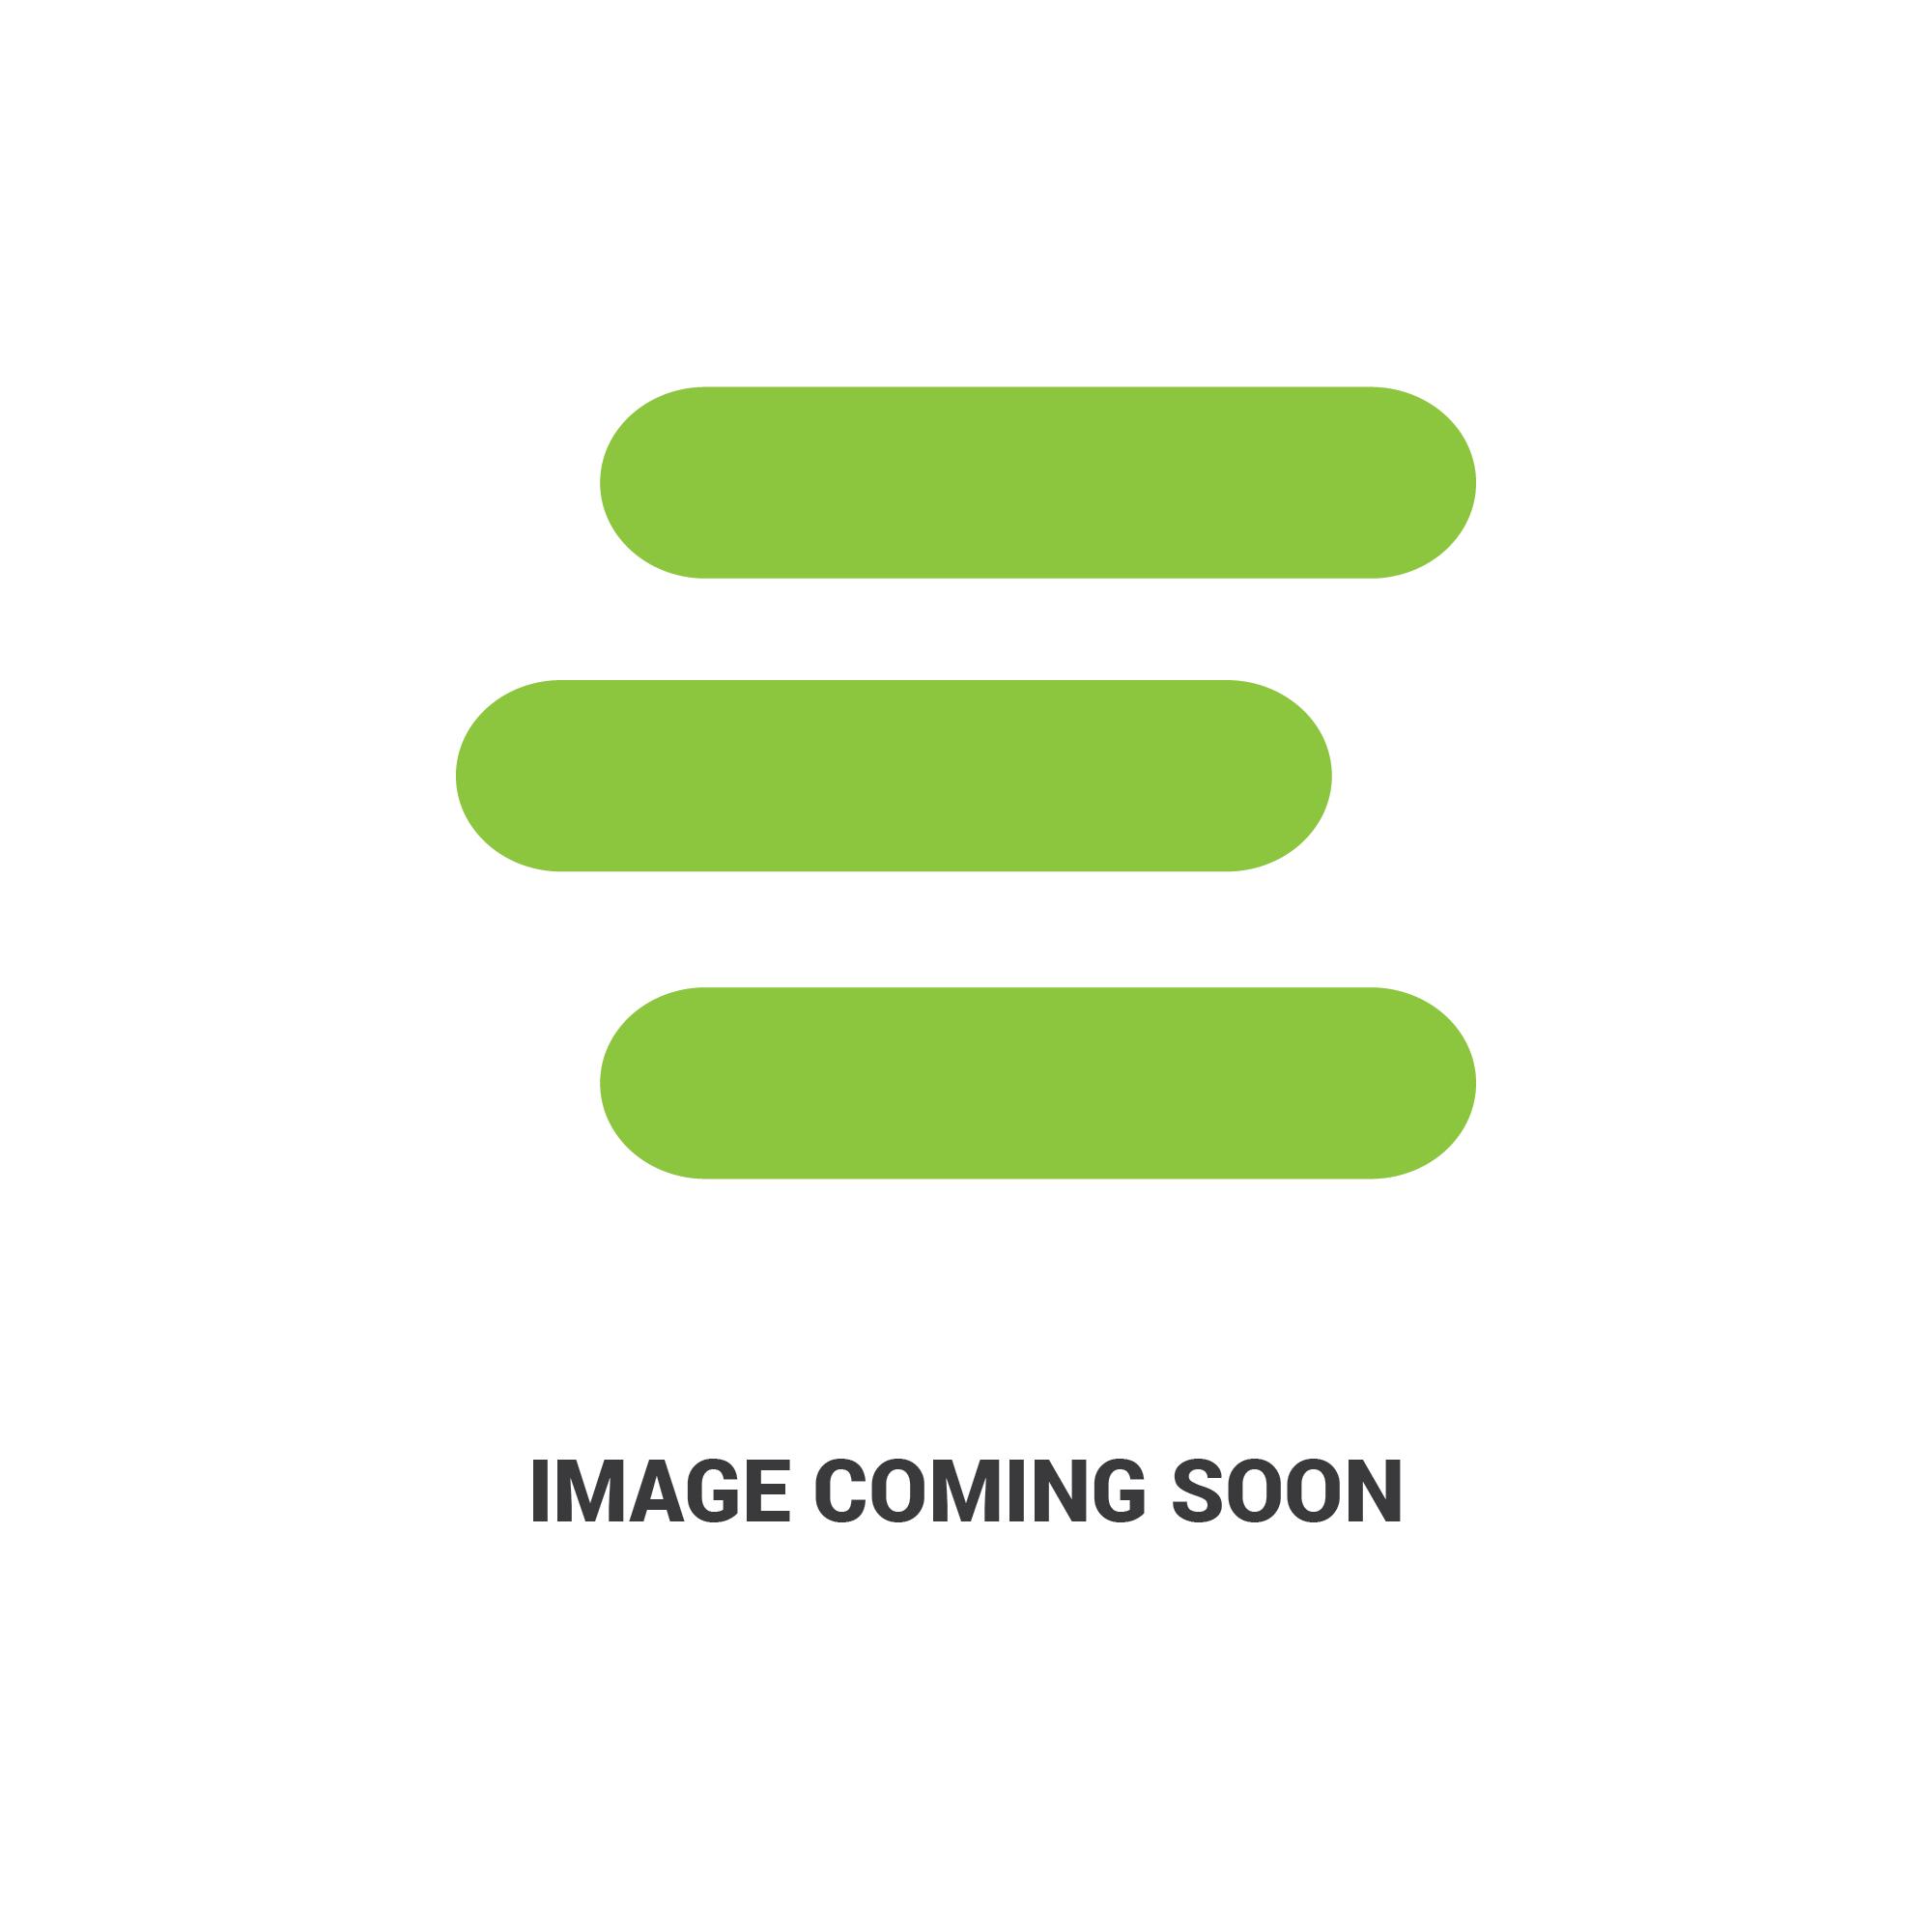 E-876525192593-1 copy.jpg